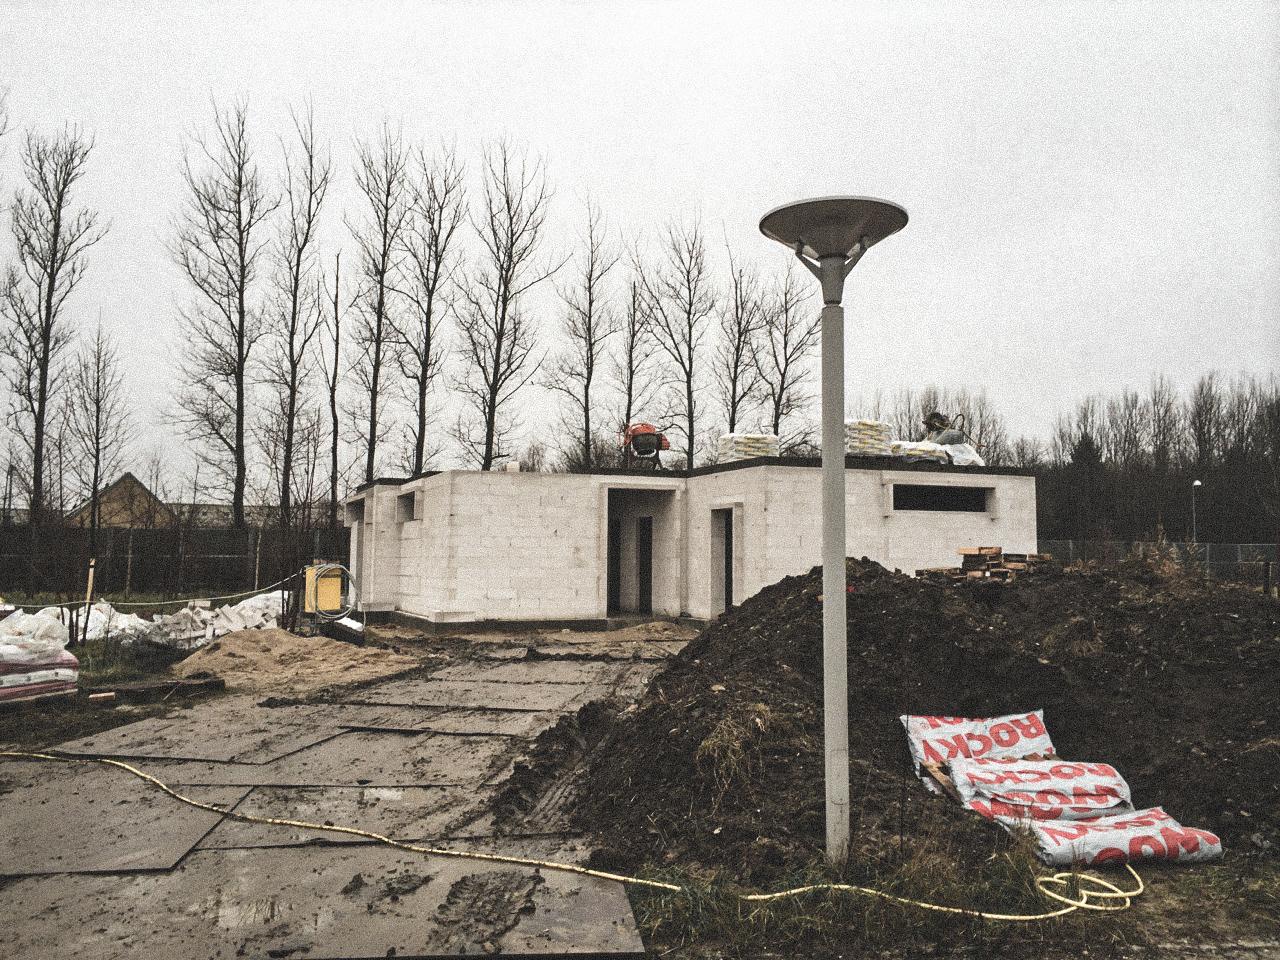 Billede af et igangværende byggeri i Glostrup, tegnet af arkitektfirmaet m2plus.